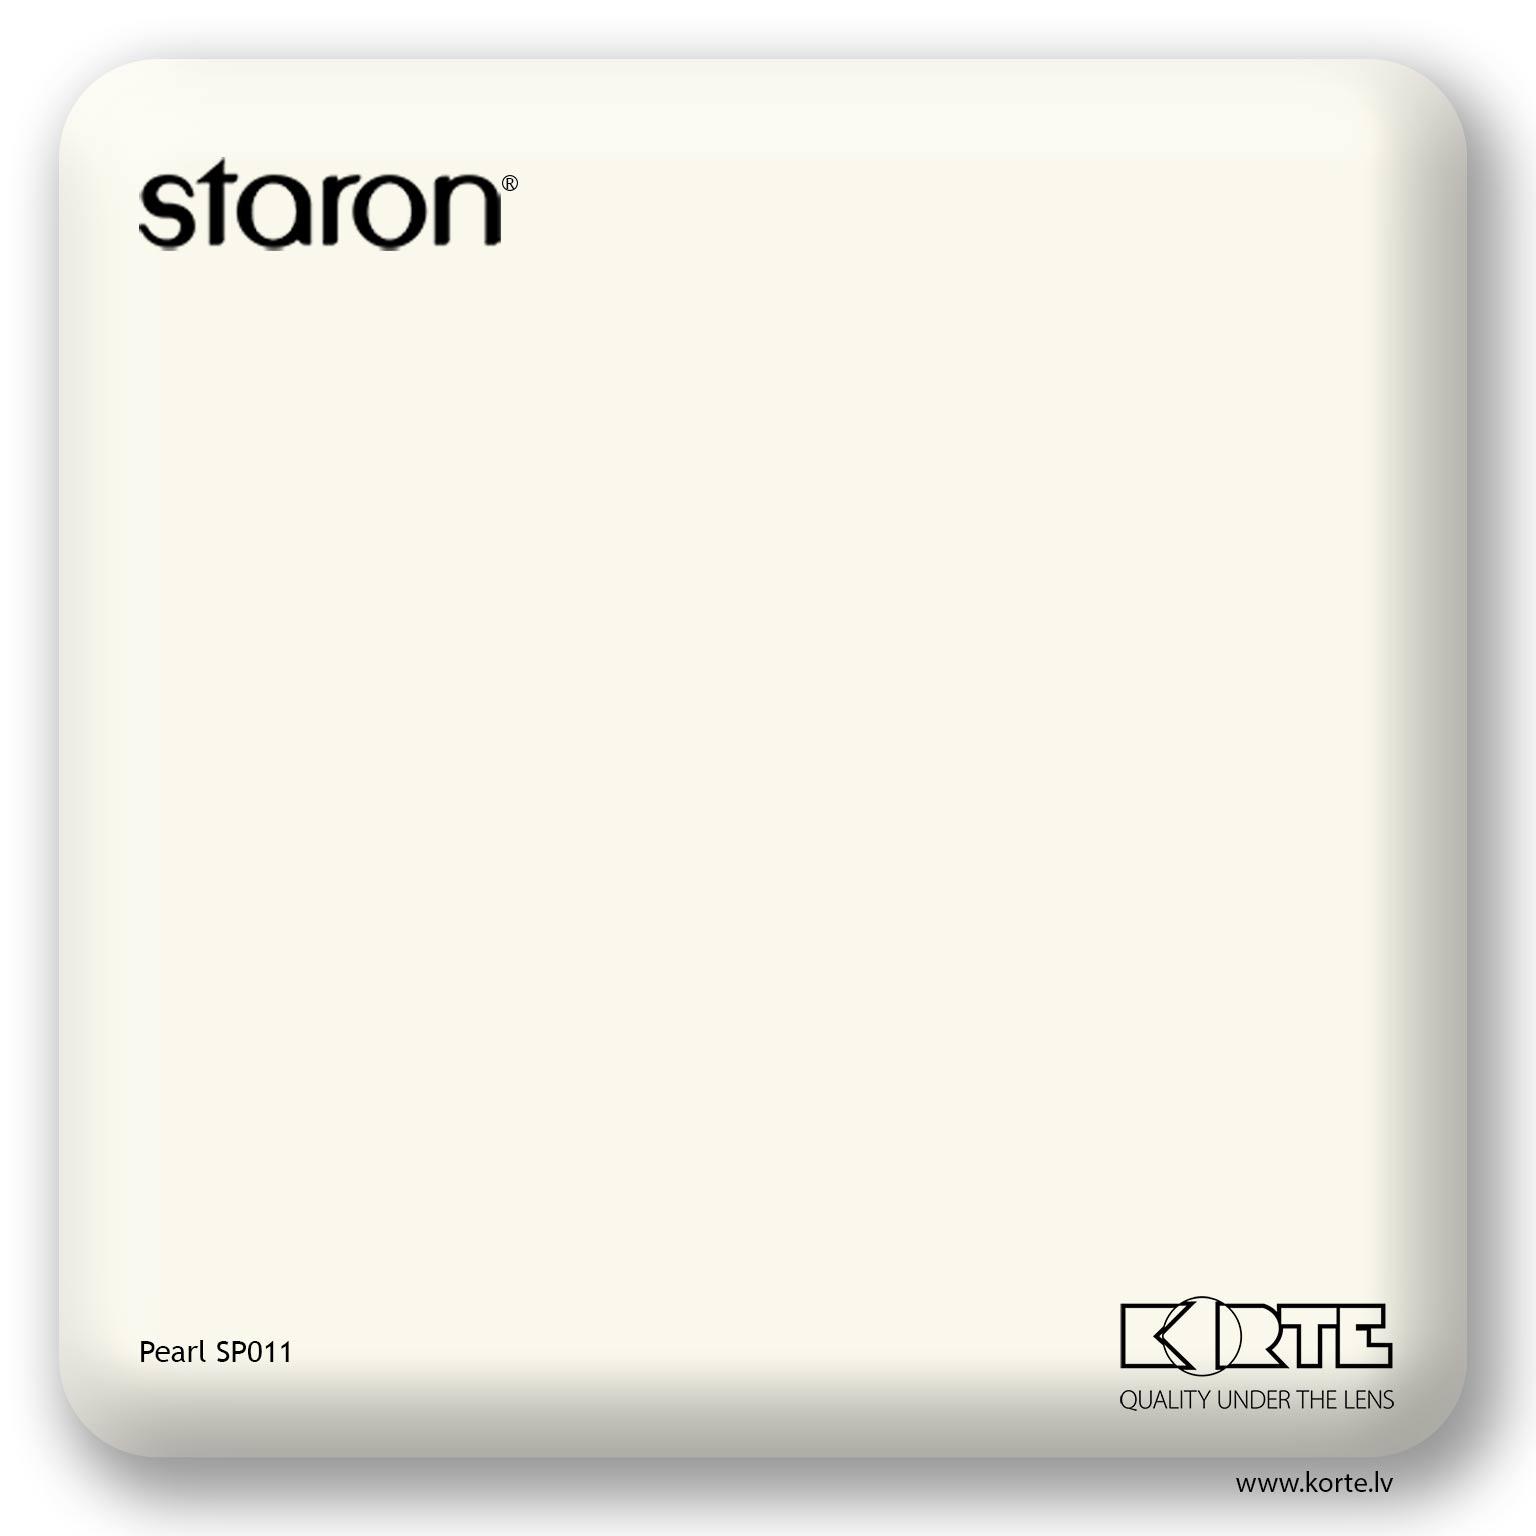 Staron Pearl SP011